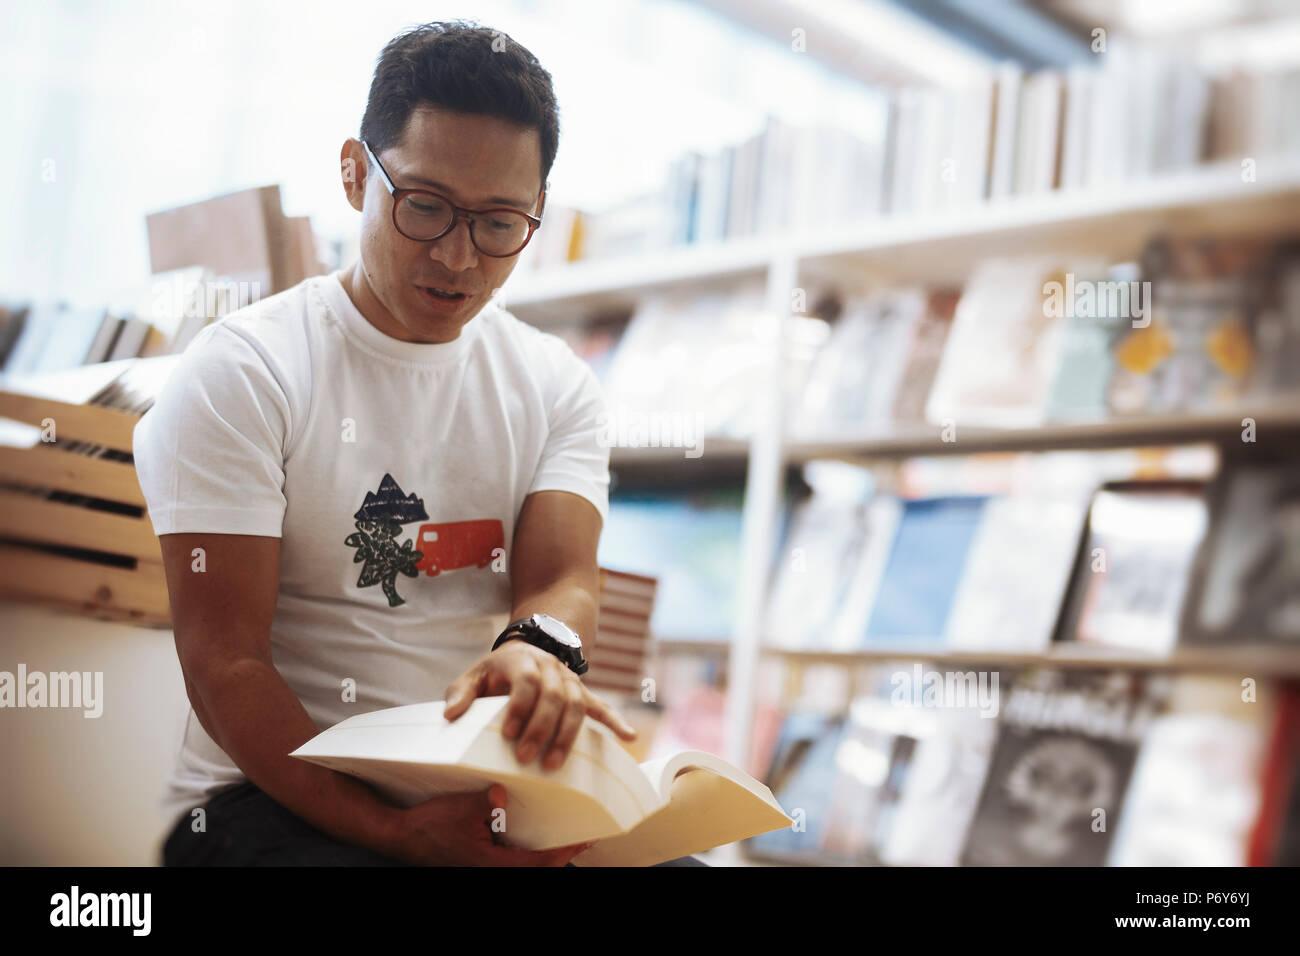 Junger Brillenbär brünett Mann sitzt neben Regalen zu buchen und ein Buch öffnen. Stockbild